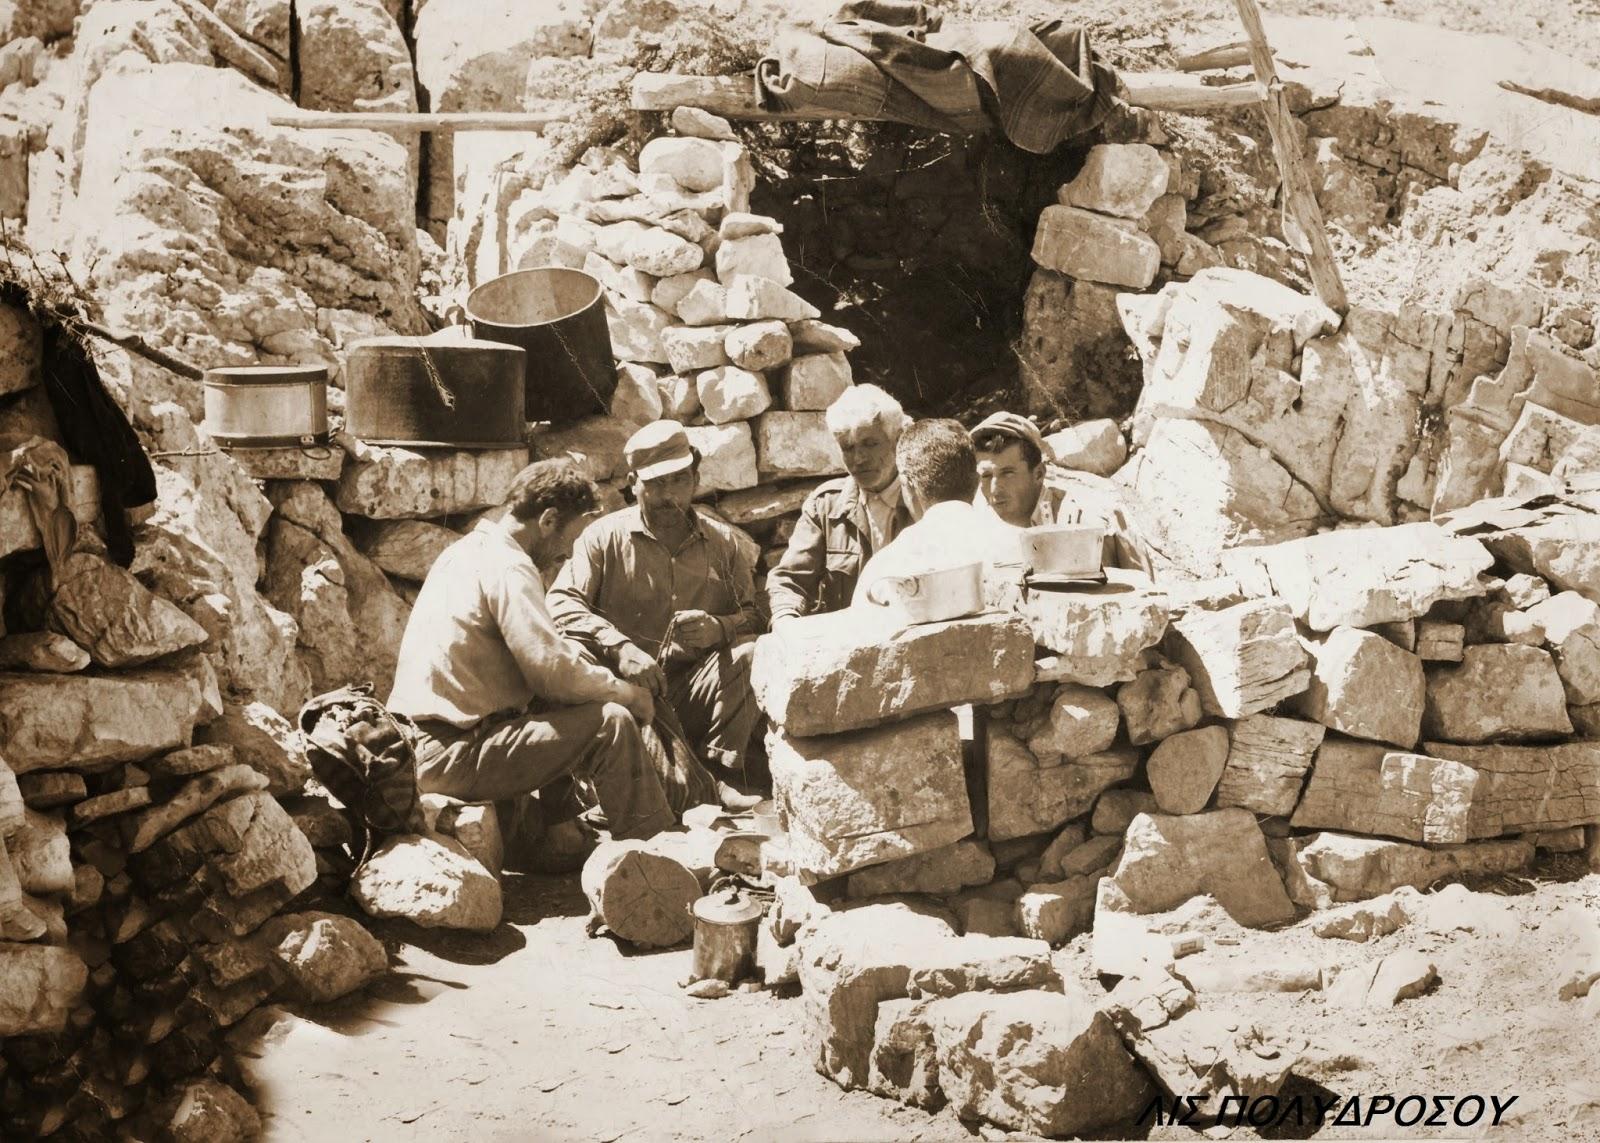 Αποτέλεσμα εικόνας για laografikos  soybala eikones